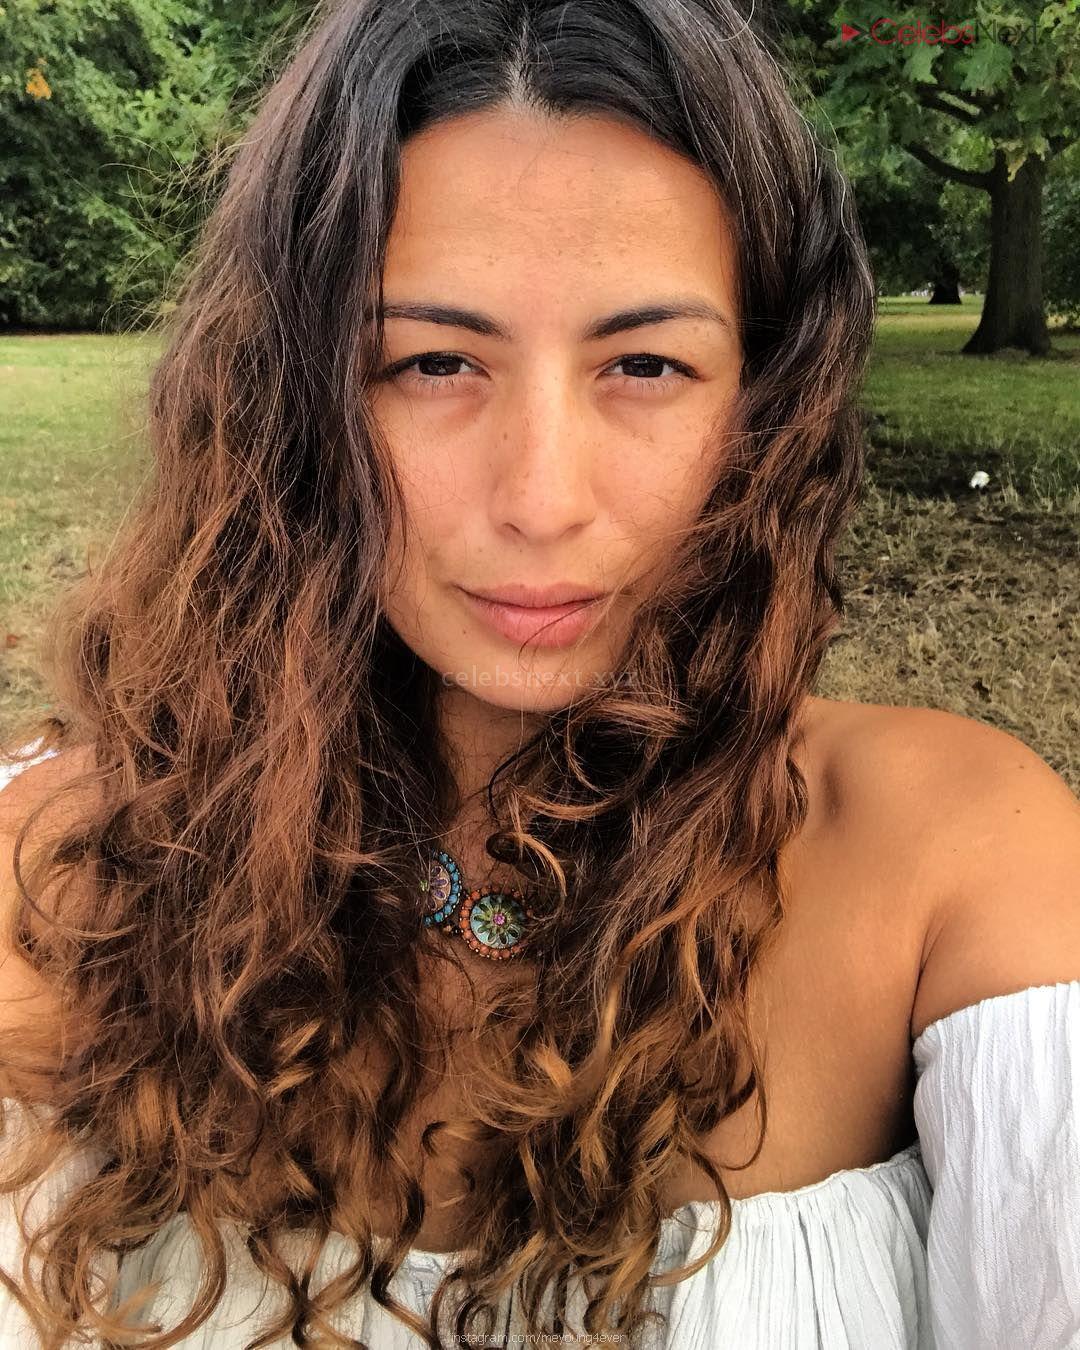 Pia Trivedi